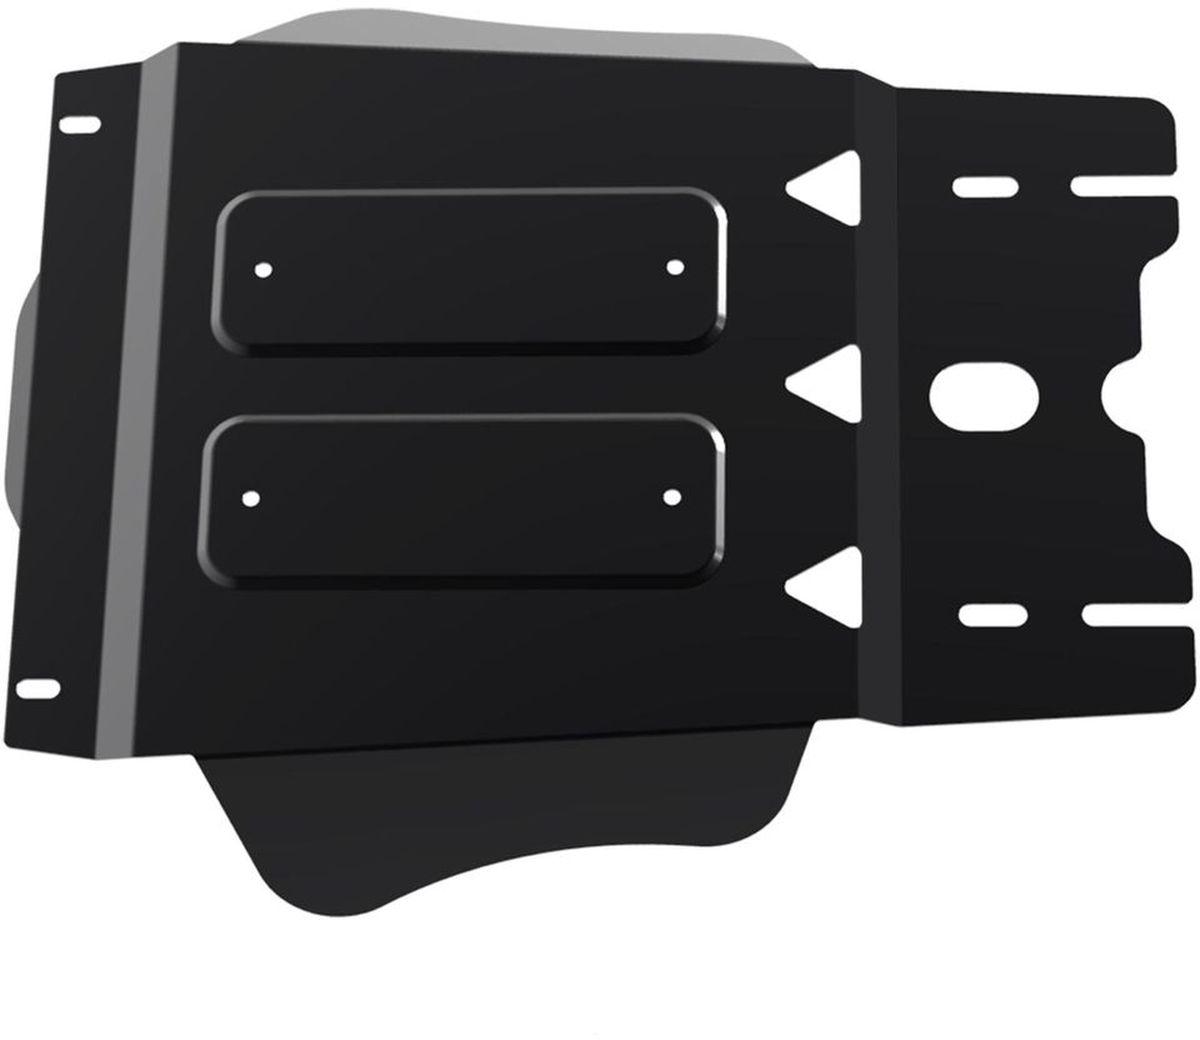 Защита КПП Автоброня Subaru Outback 2010-2015, сталь 2 мм111.05417.1Защита КПП Автоброня Subaru Outback АКП, V-3,6 2010-2015, сталь 2 мм, комплект крепежа, 111.05417.1Стальные защиты Автоброня надежно защищают ваш автомобиль от повреждений при наезде на бордюры, выступающие канализационные люки, кромки поврежденного асфальта или при ремонте дорог, не говоря уже о загородных дорогах.- Имеют оптимальное соотношение цена-качество.- Спроектированы с учетом особенностей автомобиля, что делает установку удобной.- Защита устанавливается в штатные места кузова автомобиля.- Является надежной защитой для важных элементов на протяжении долгих лет.- Глубокий штамп дополнительно усиливает конструкцию защиты.- Подштамповка в местах крепления защищает крепеж от срезания.- Технологические отверстия там, где они необходимы для смены масла и слива воды, оборудованные заглушками, закрепленными на защите.Толщина стали 2 мм.В комплекте крепеж и инструкция по установке.Уважаемые клиенты!Обращаем ваше внимание на тот факт, что защита имеет форму, соответствующую модели данного автомобиля. Наличие глубокого штампа и лючков для смены фильтров/масла предусмотрено не на всех защитах. Фото служит для визуального восприятия товара.